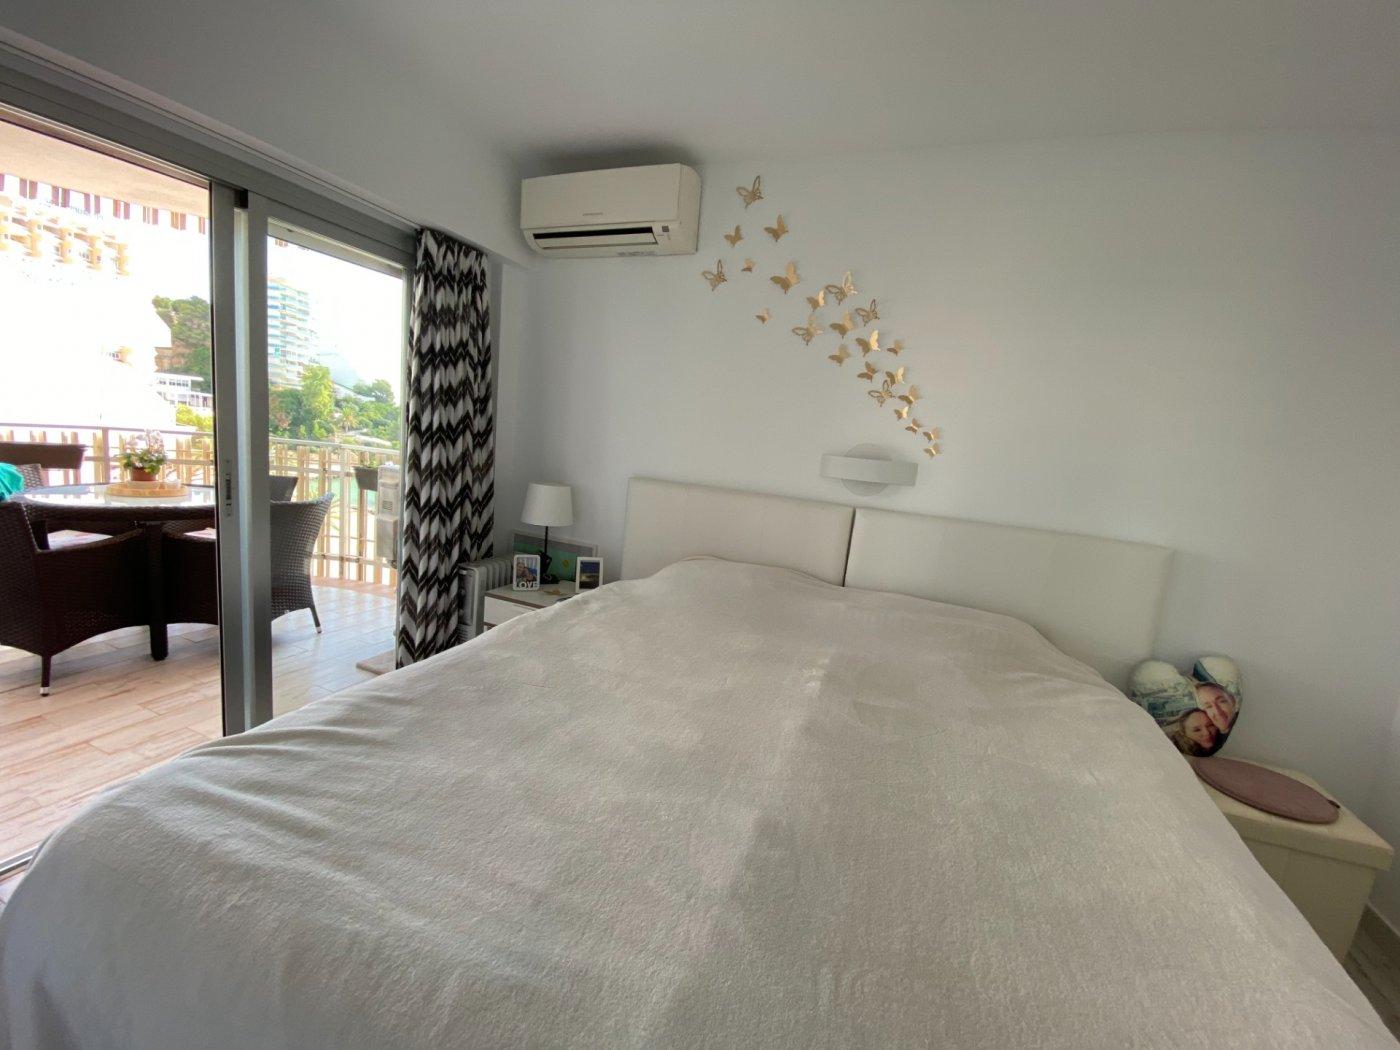 Alquiler con opcion de compra!espectacular apartamento con vistas al mar y parking propio - imagenInmueble20